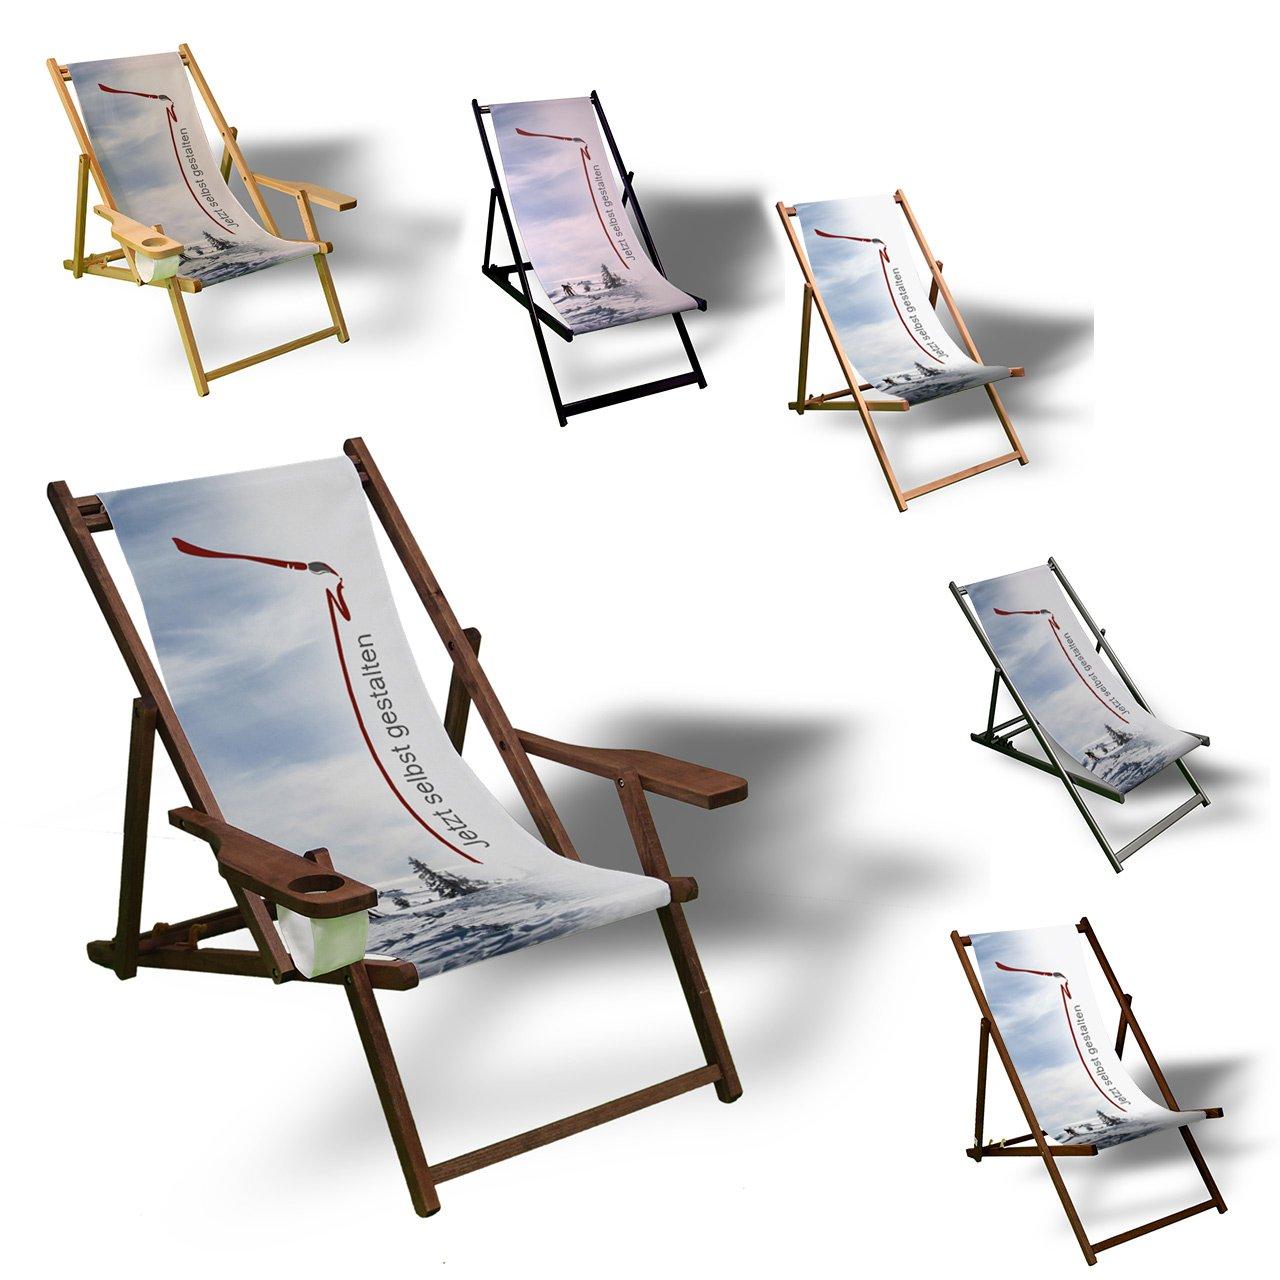 Amazon.de: Liegestuhl zum selbst gestalten - Sonnenliege Balkon ...